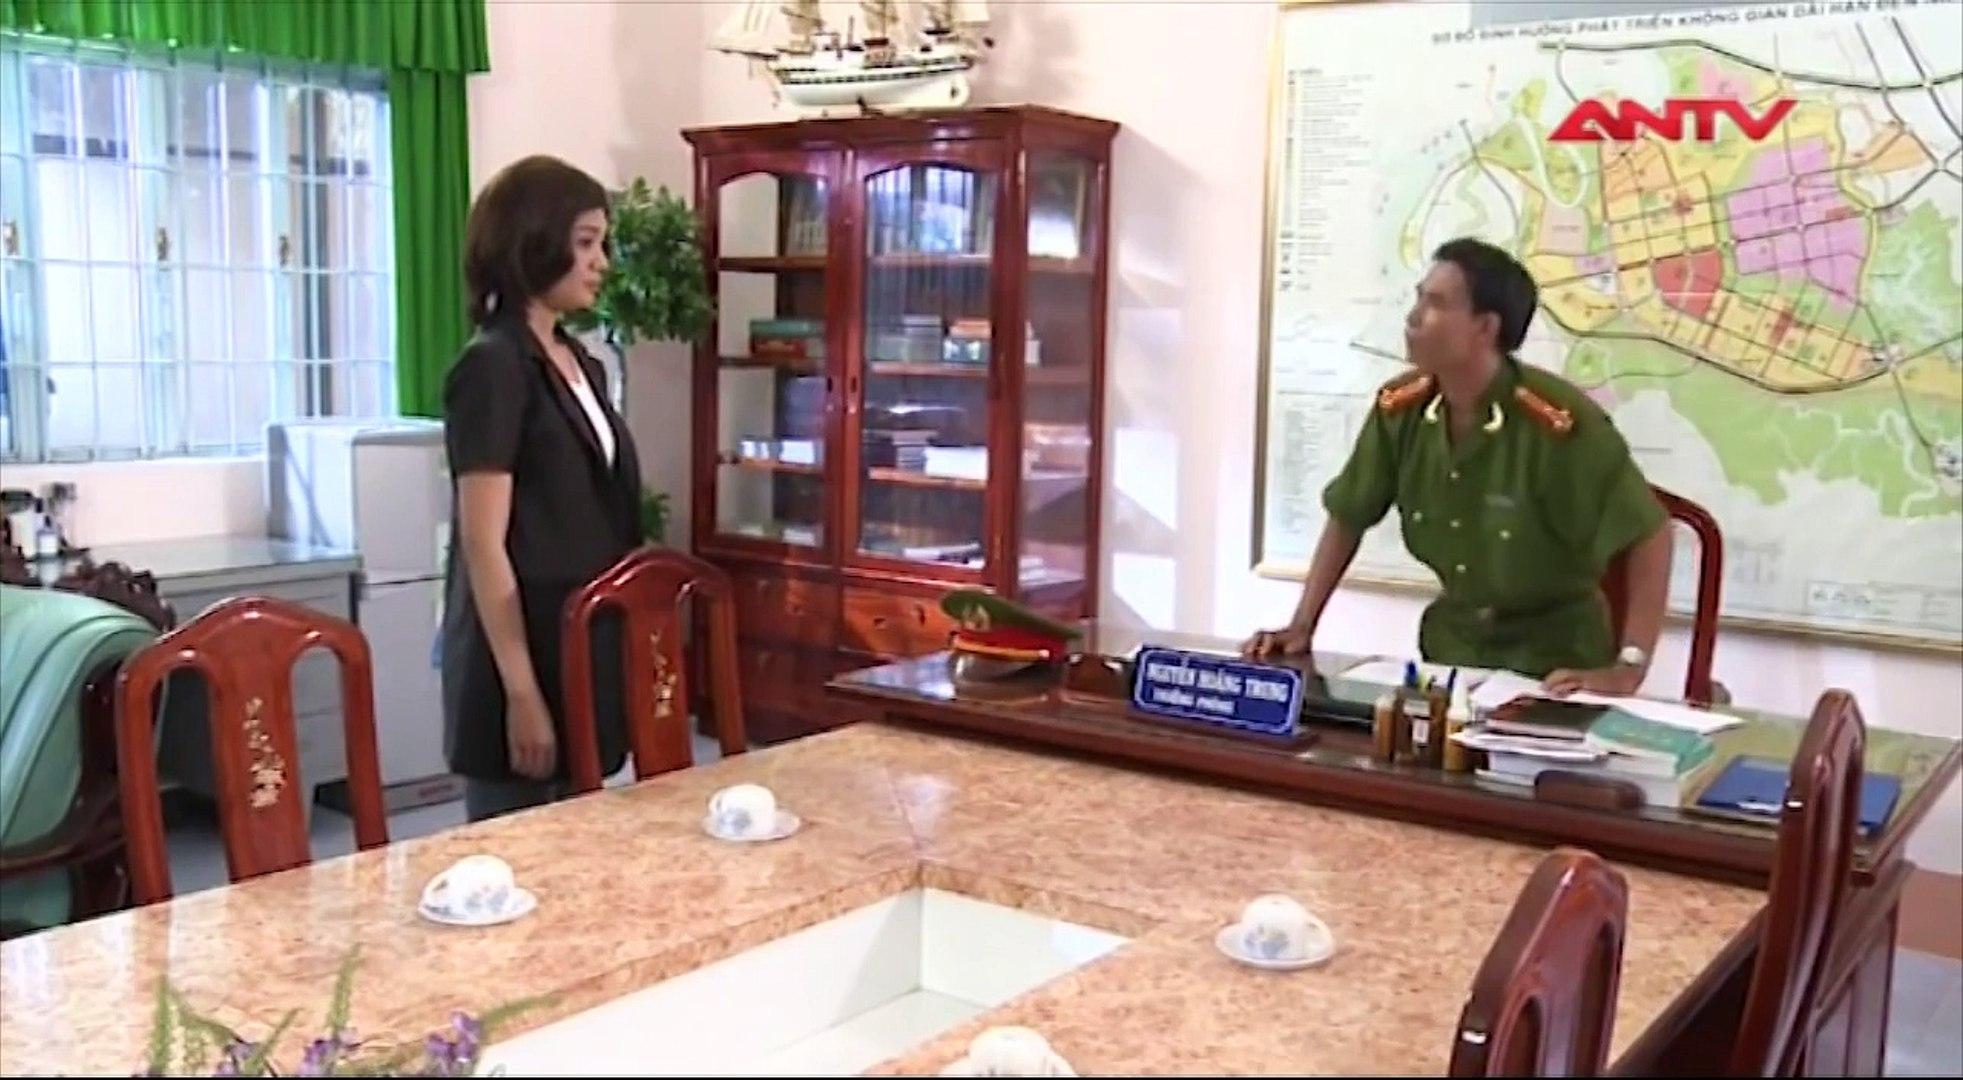 CON GÁI ÔNG TRÙM TẬP 26 - Phim BOM TẤN độc quyền trên ANTV